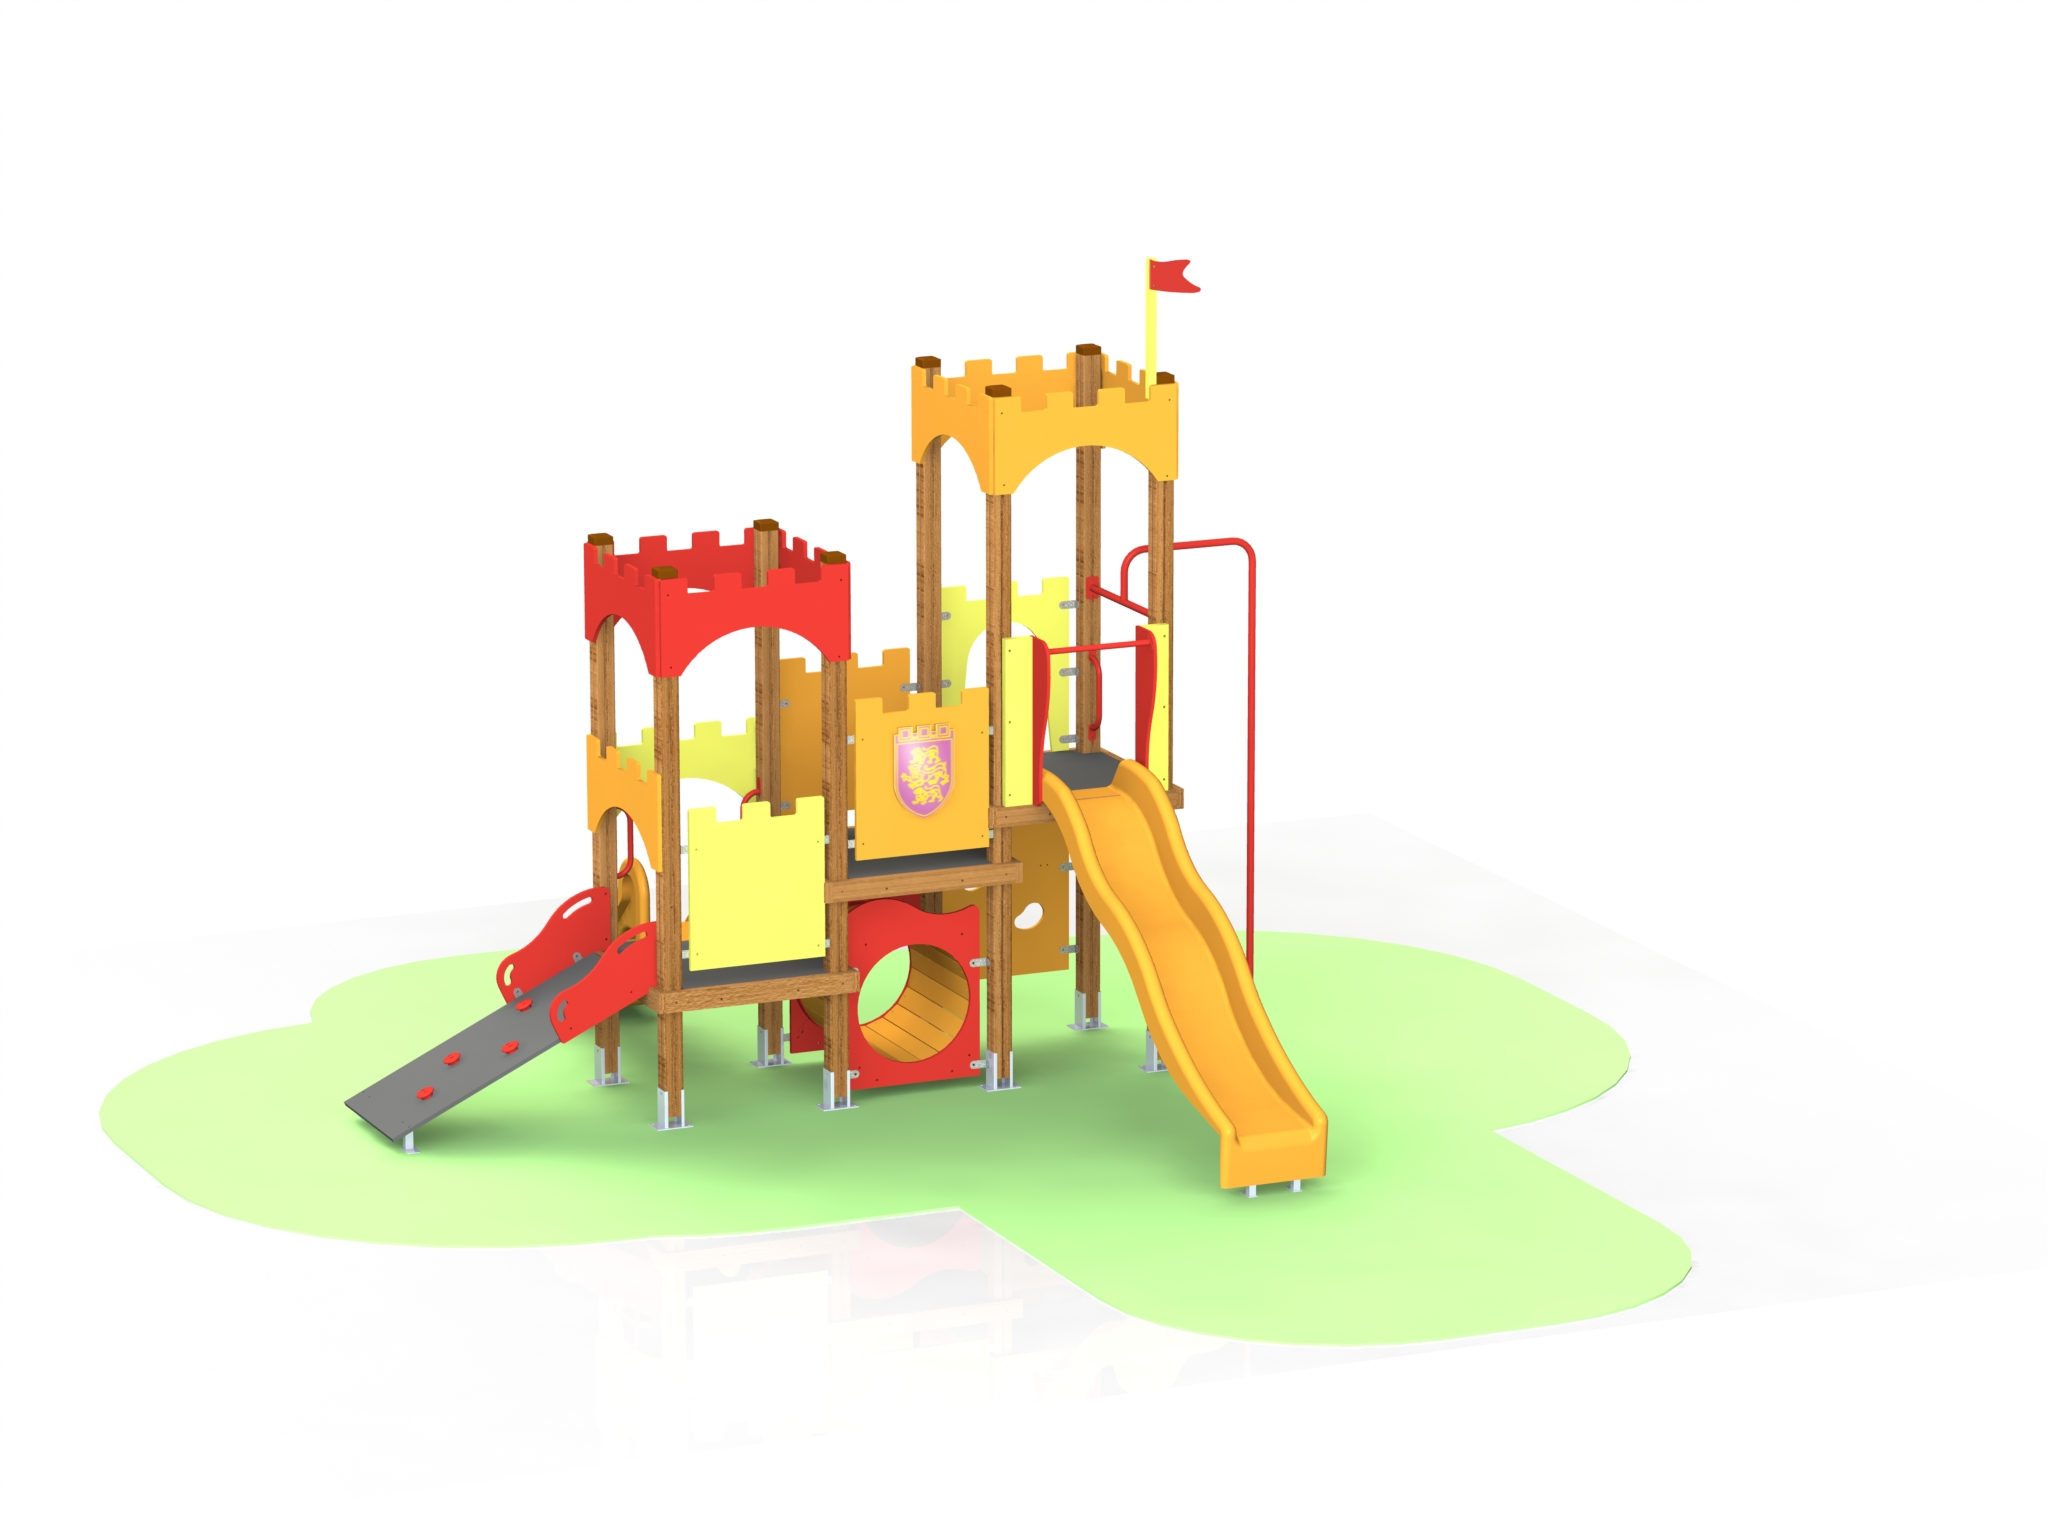 Снимка на продукта: Комбинирано детско съоръжение, модел КД72